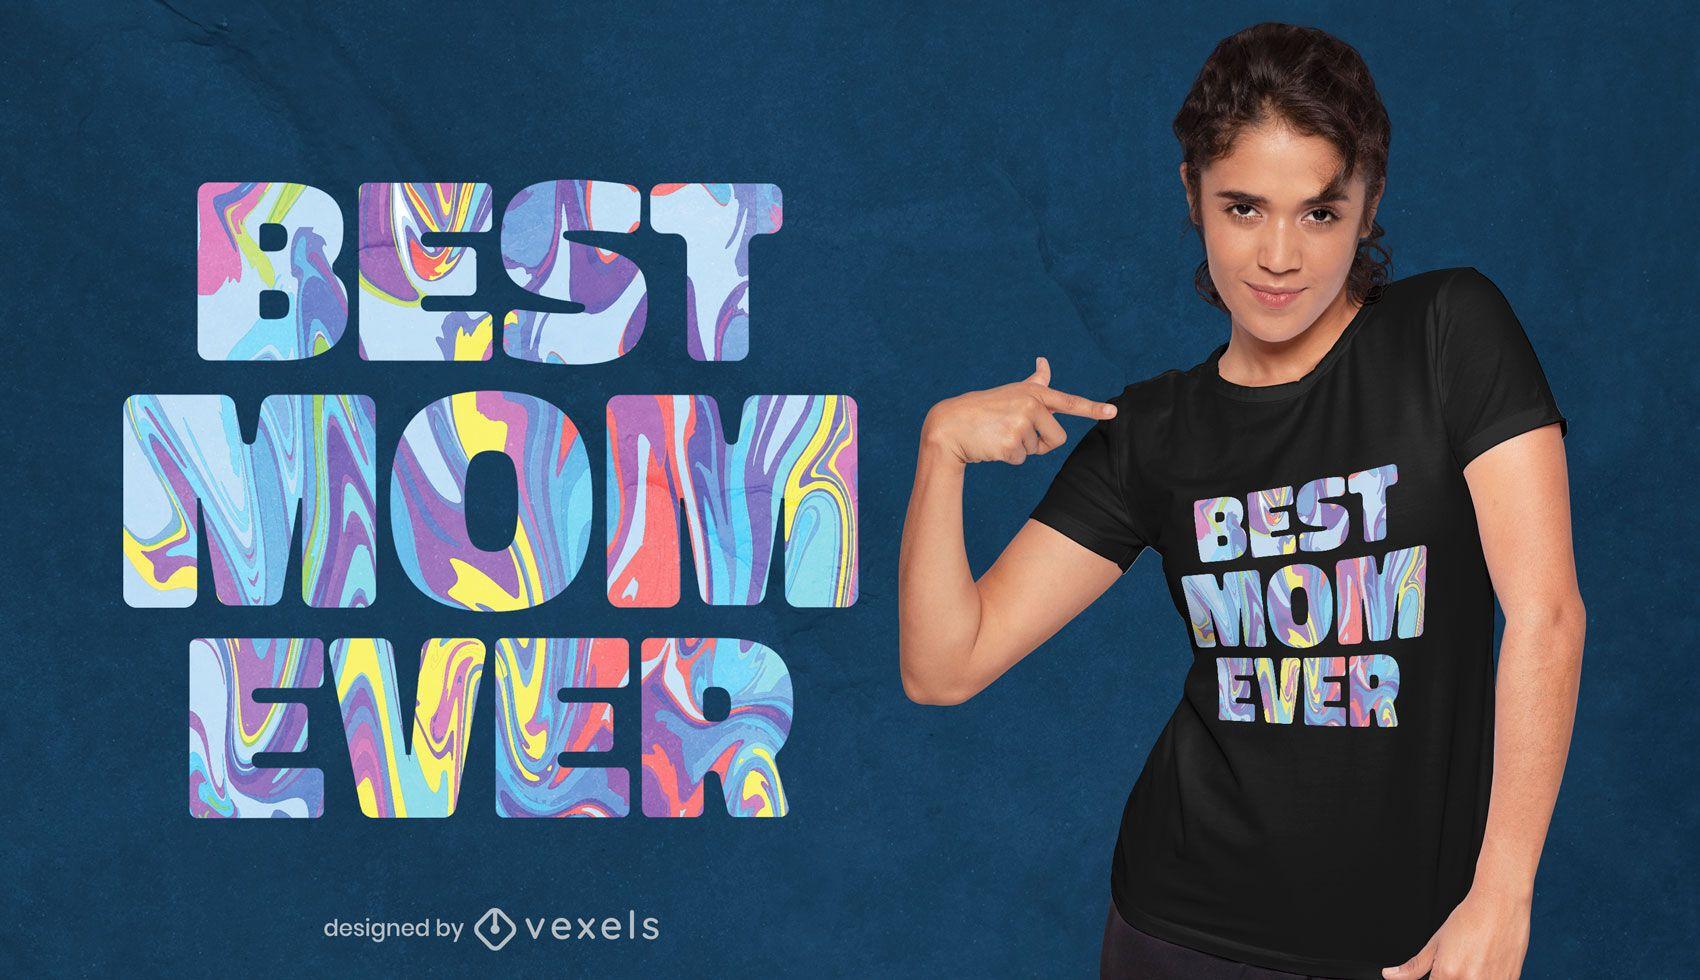 Dise?o de camiseta tye dye de la mejor mam? del d?a de la madre